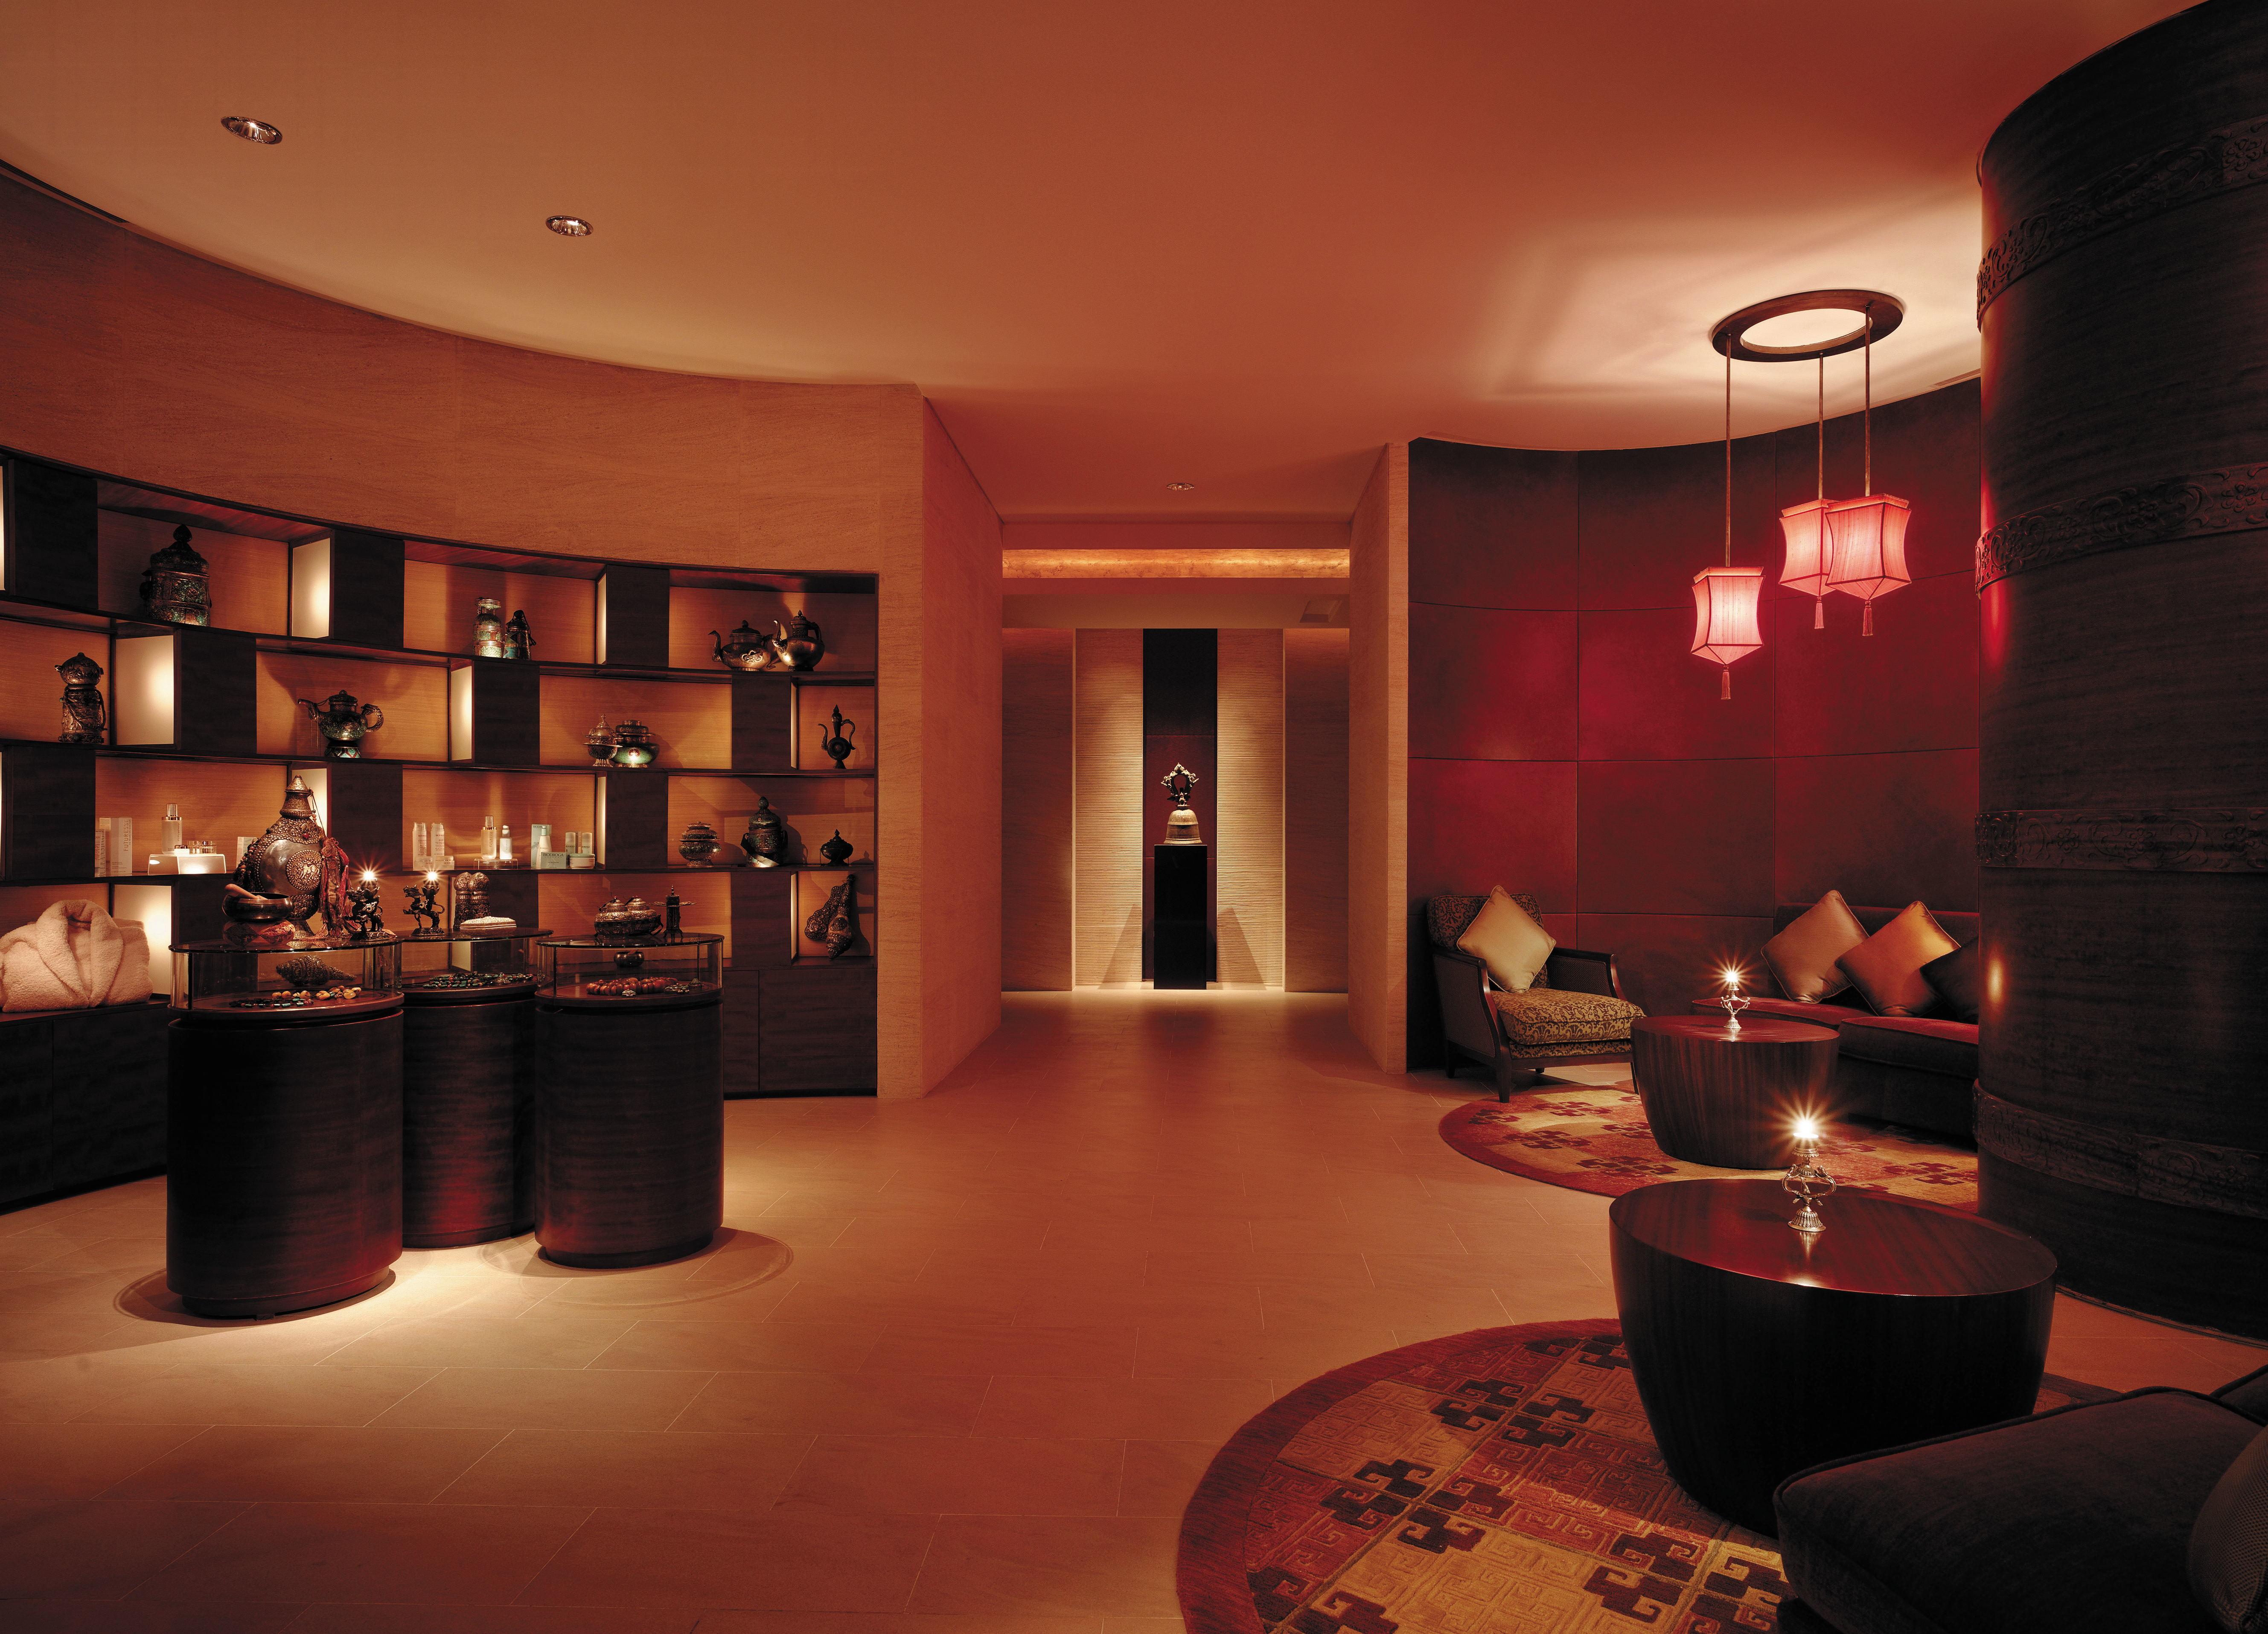 北京男士私人养生spa会所,感觉真爽超棒 - 洗浴按摩 - 涨口碑